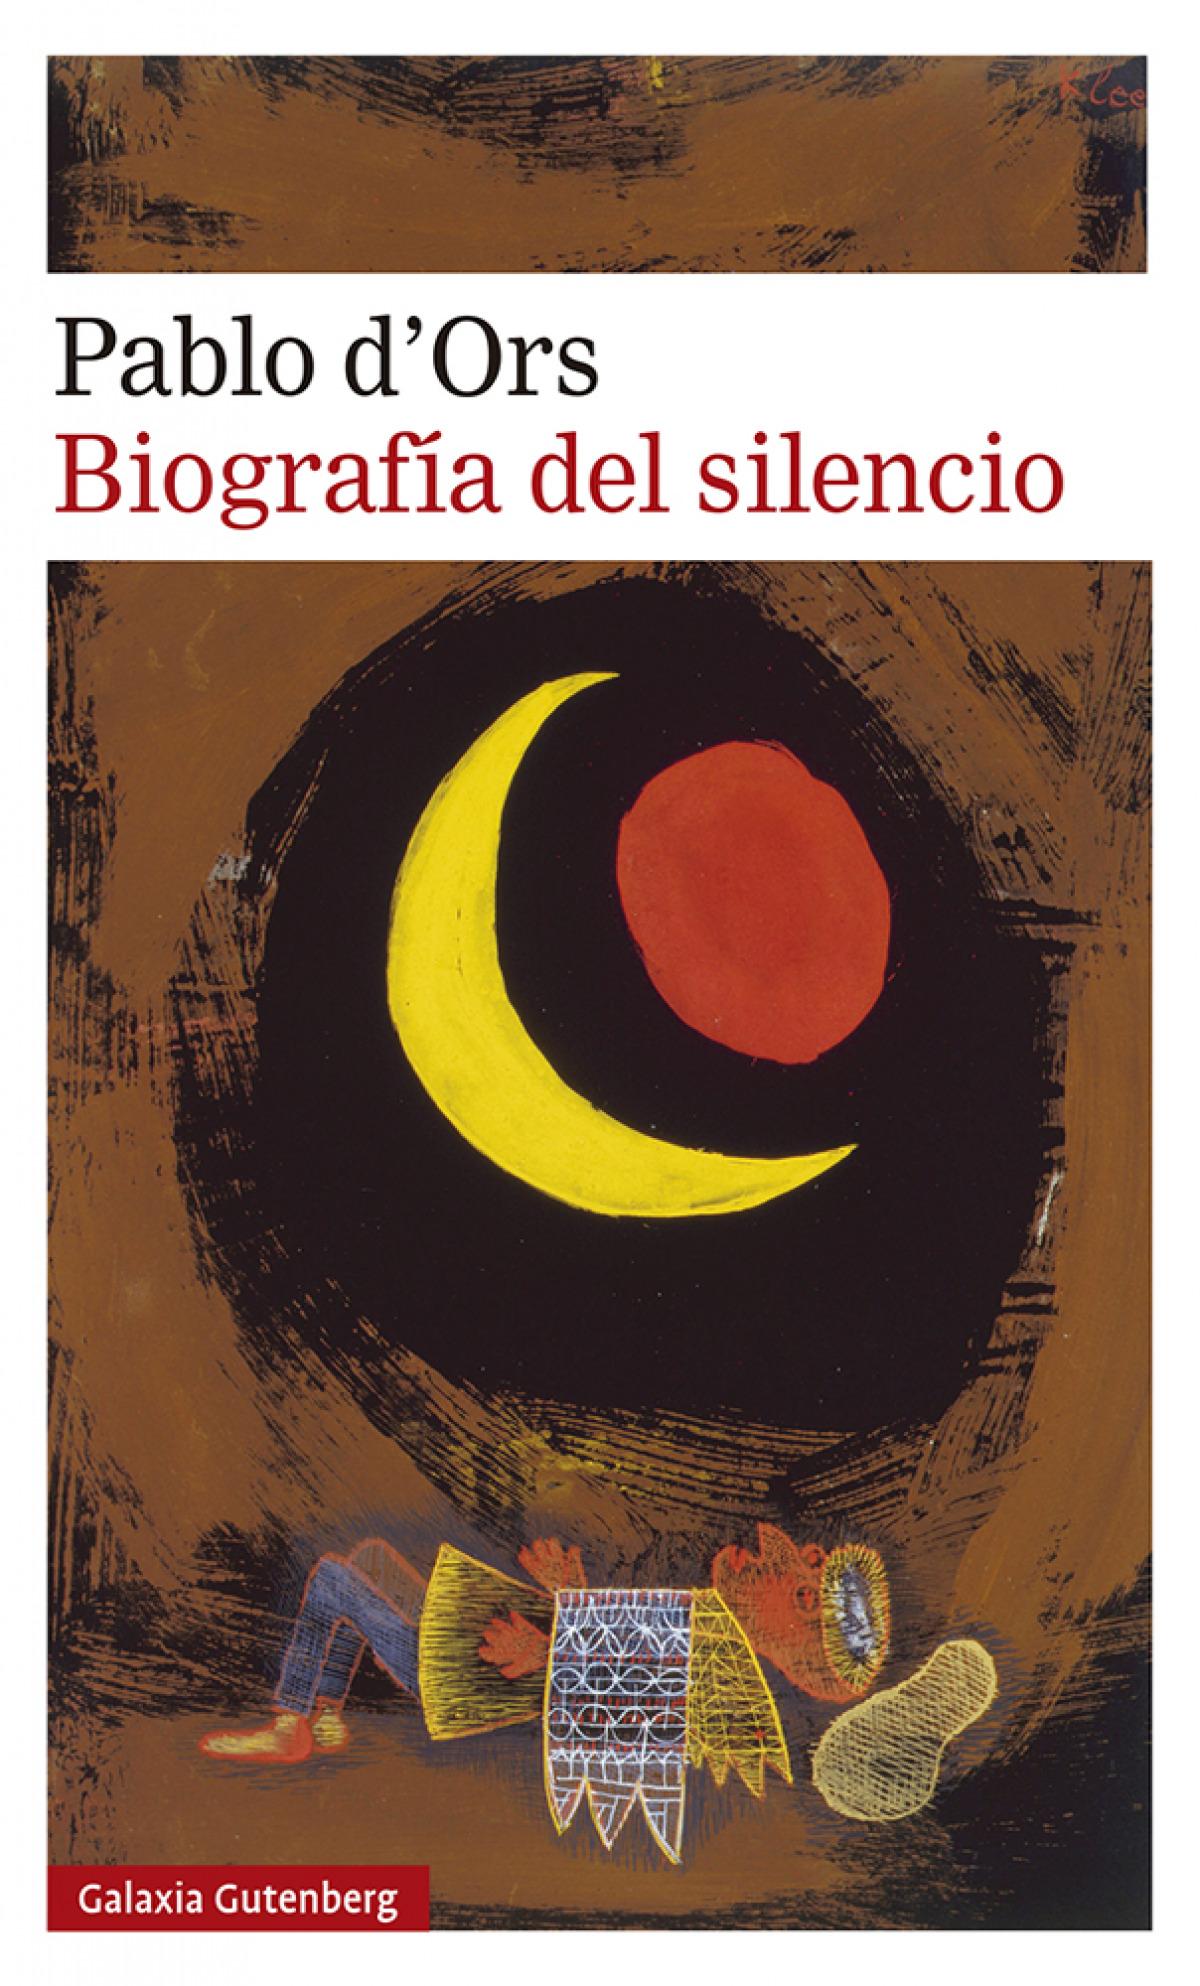 Biograf¡a del silencio 9788417971717